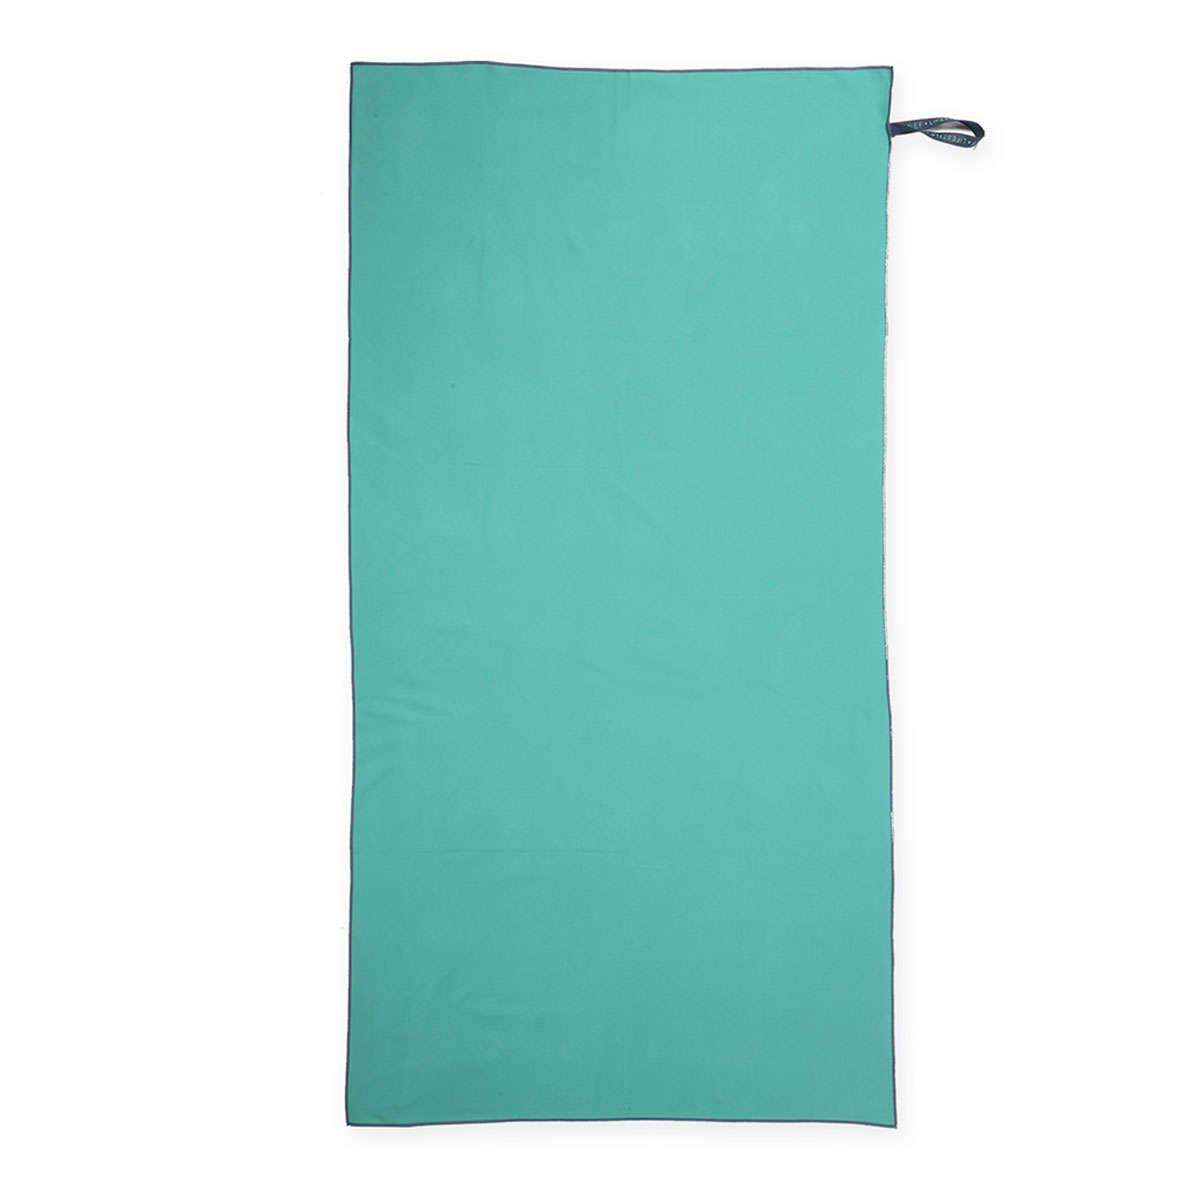 Πετσέτα Θαλάσσης Vivid 19 Green Nef-Nef Θαλάσσης 90x170cm